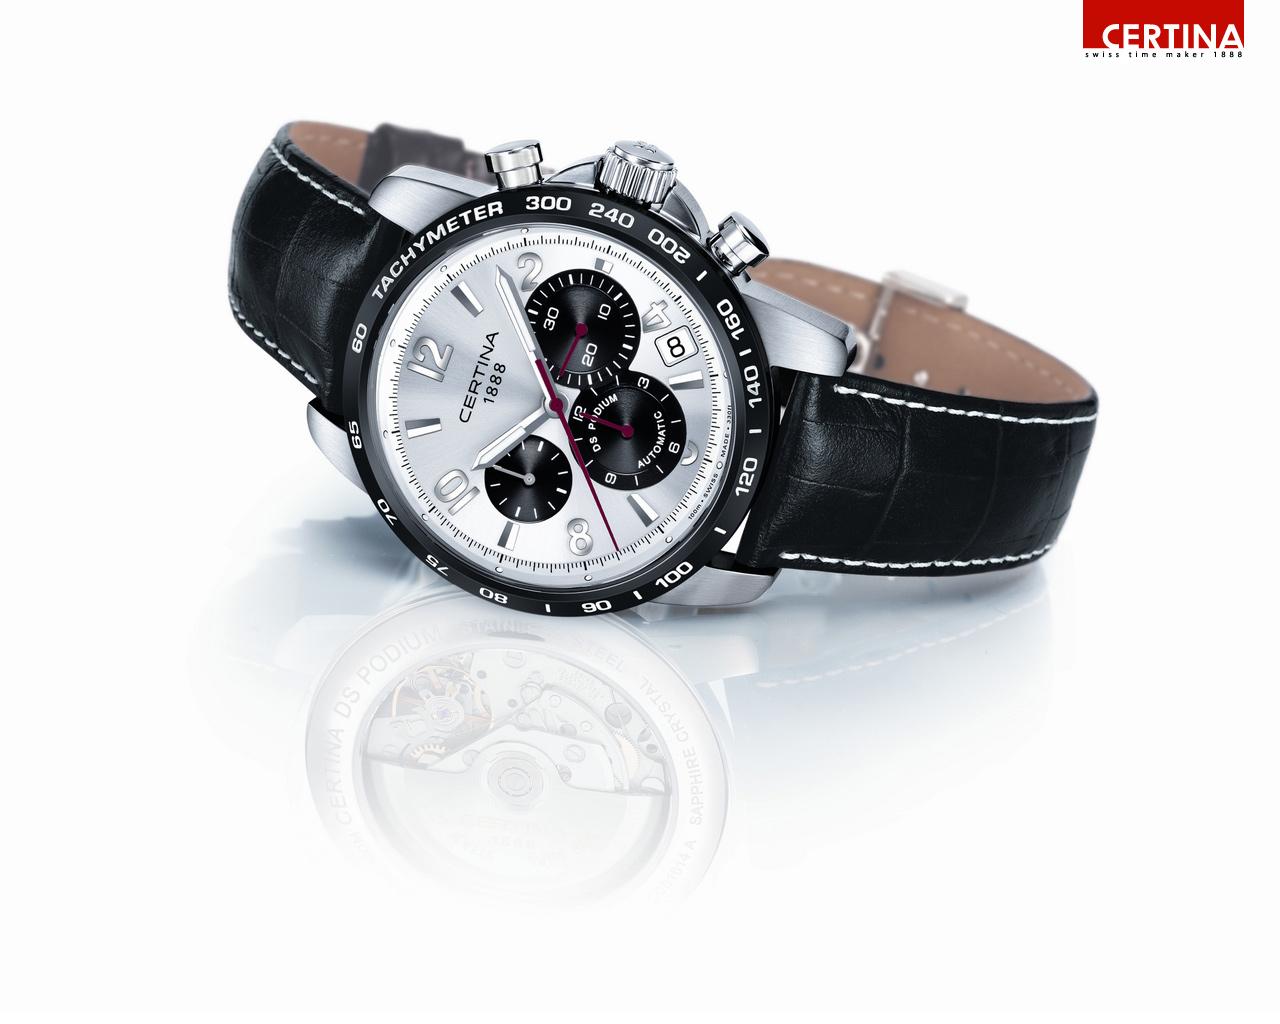 Certina DS Podium Valgranges Automatic Chronograph